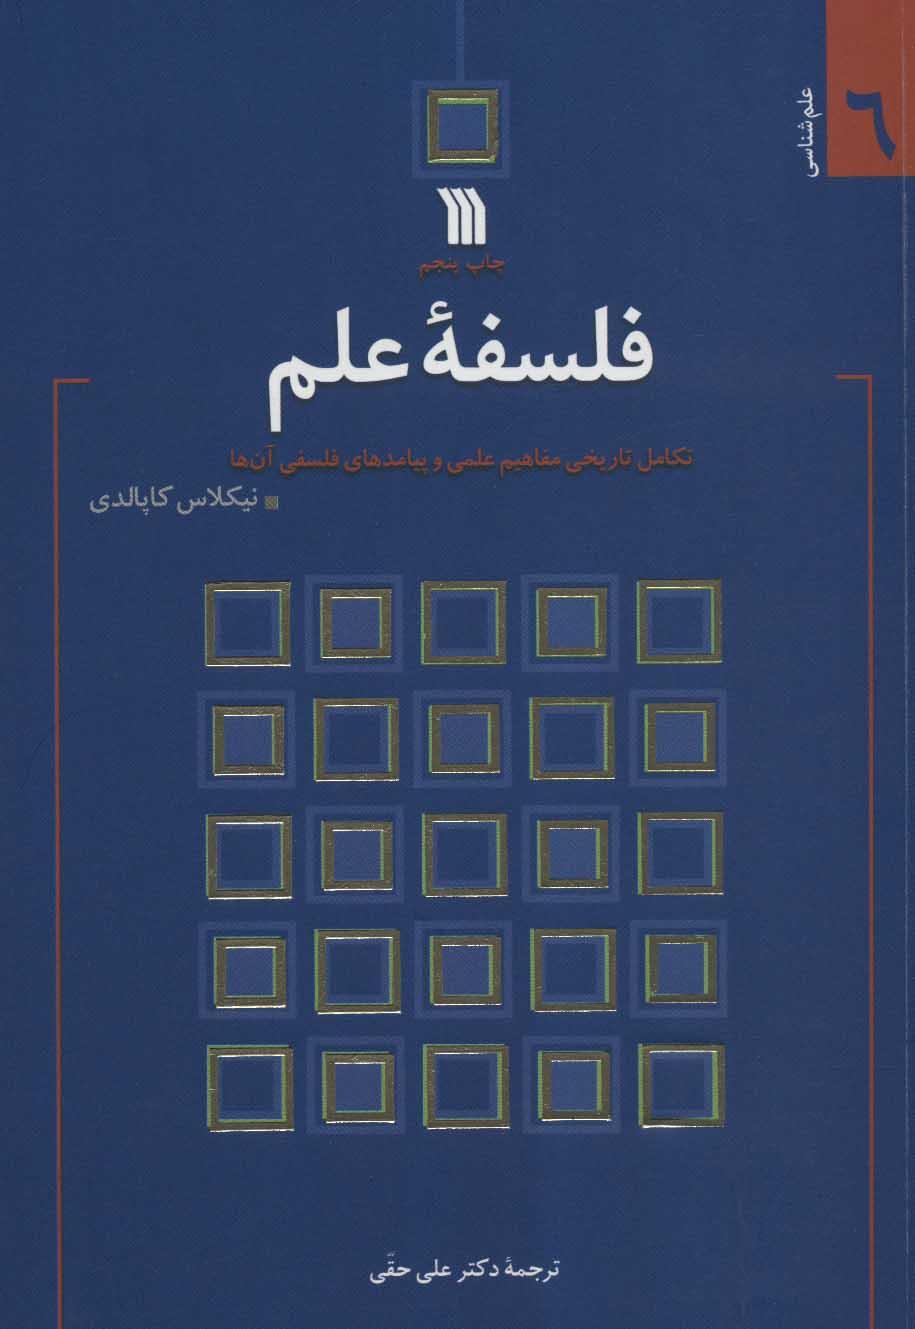 کتاب فلسفه علم